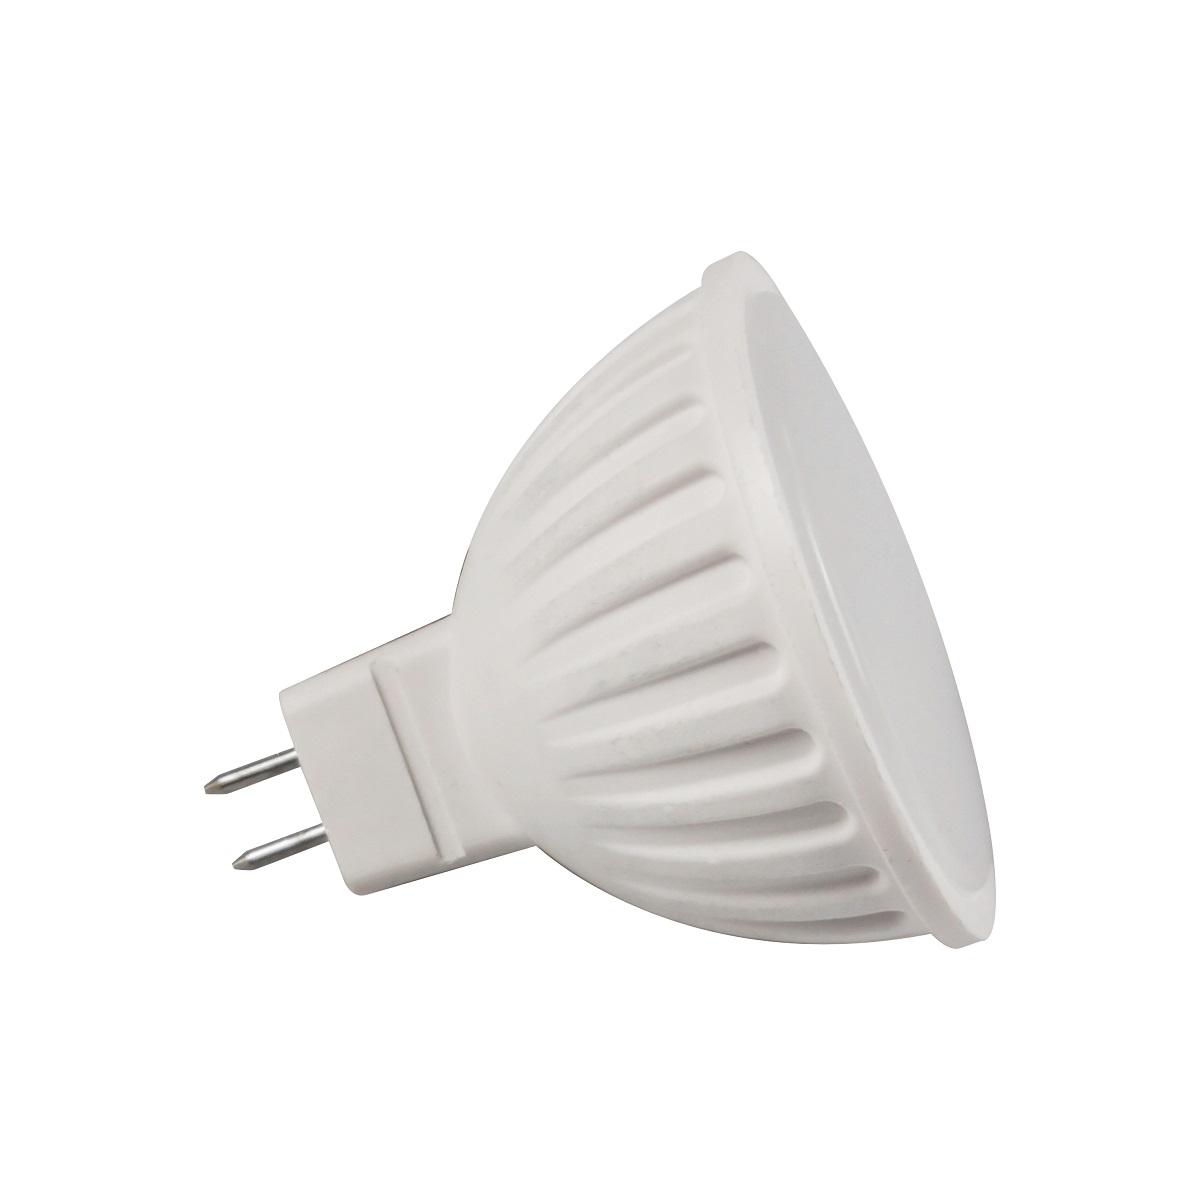 Лампа светодиодная Lieberg, нейтральный свет, цоколь GU5.3, 7WL0104040Светодиодная лампа (рефлектор) LIEBERG мощностью 7Вт - это инновационный и экологичный источник света, позволяющий сэкономить до 90% на электроэнергии. Лампа не пульсирует, ресурс составляет 40 000 часов работы. Угол свечения 120°. Эффективный драйвер обеспечивает стабильную работу при резких перепадах входного напряжения (175 -265В). Область применения: общее, локальное и аварийное освещение.